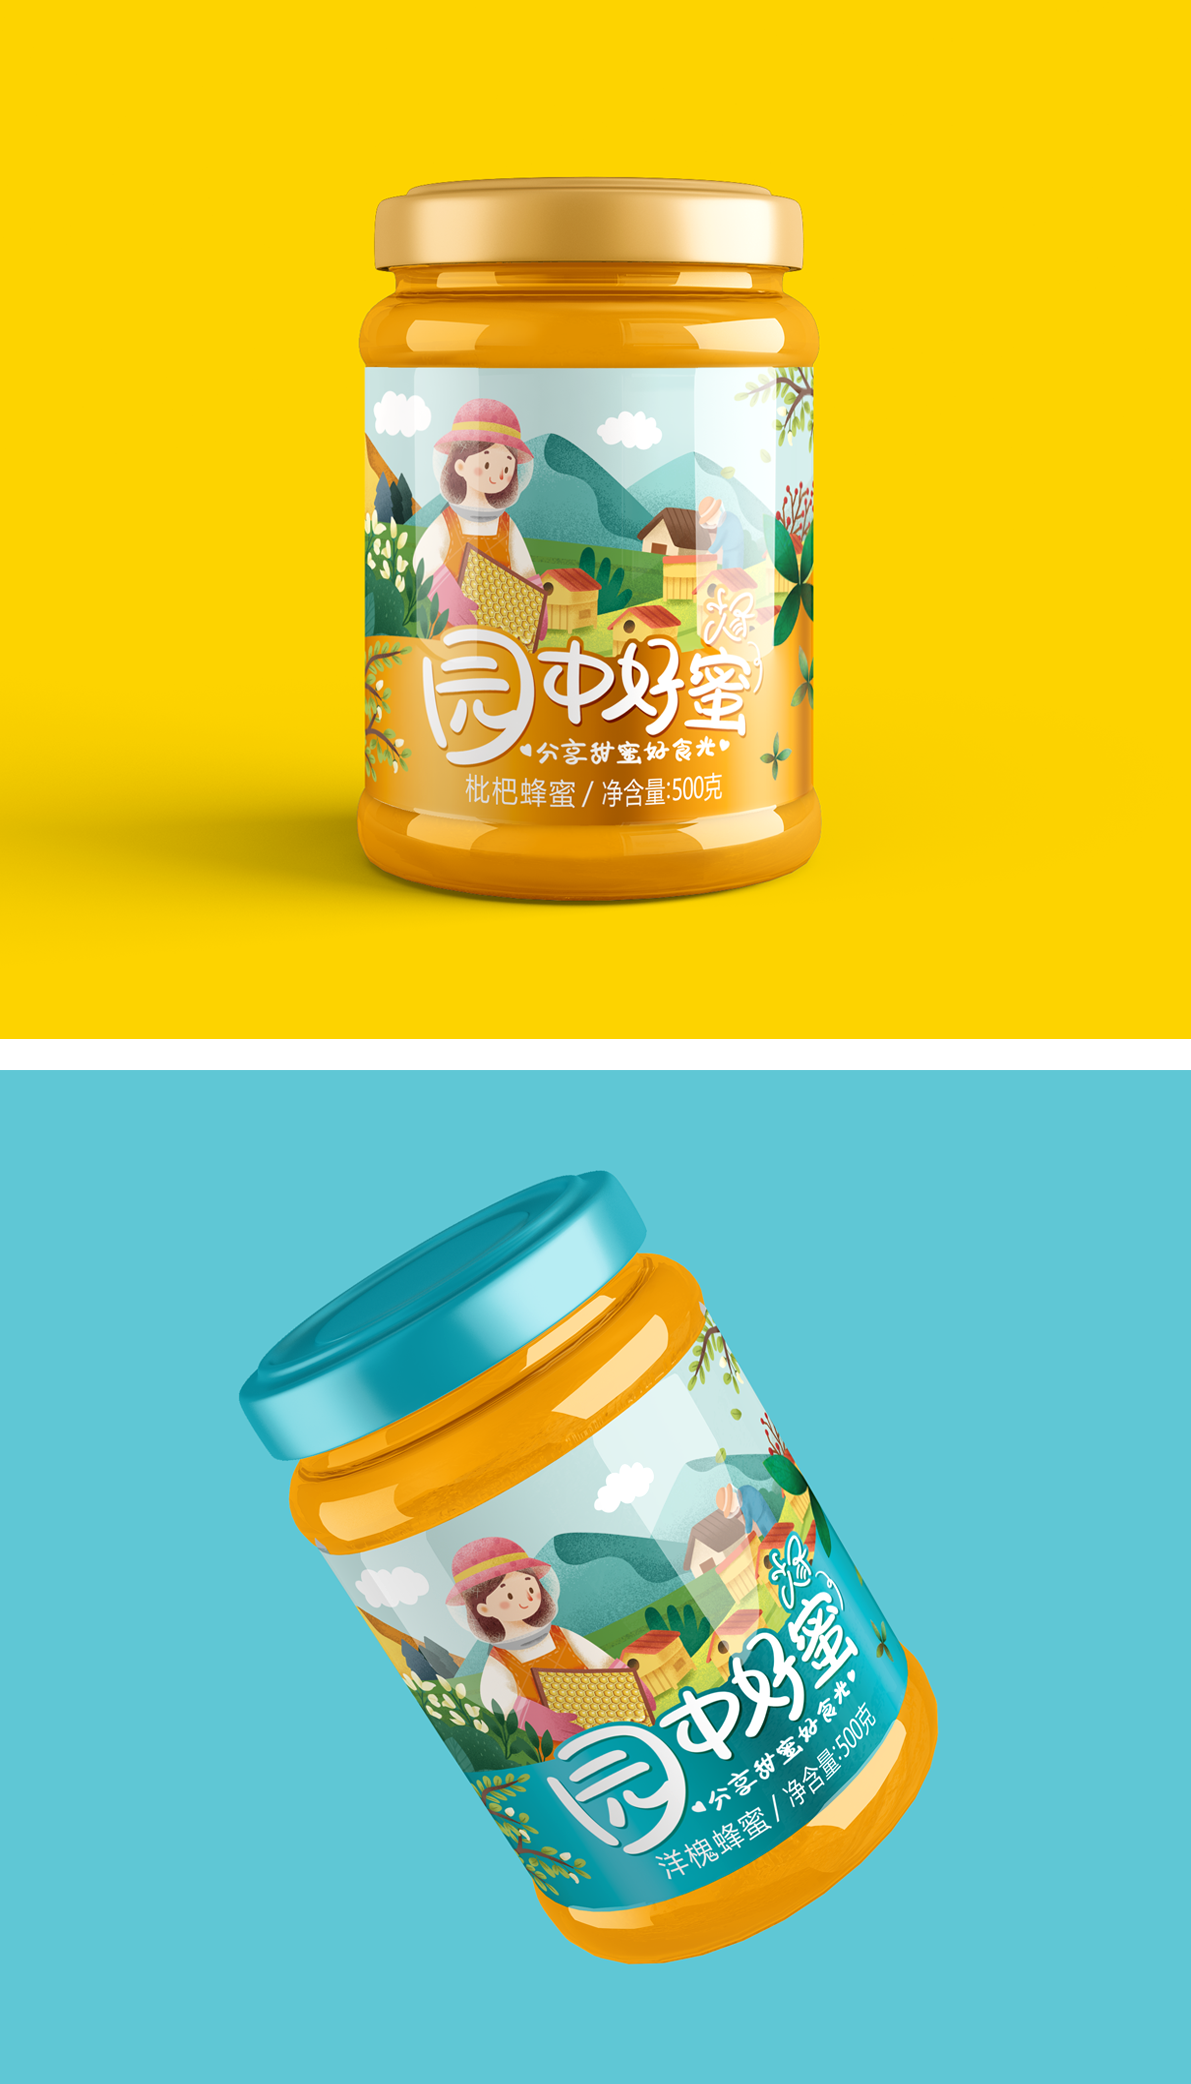 善行策划一园中好蜜品牌策划蜂蜜包装设计